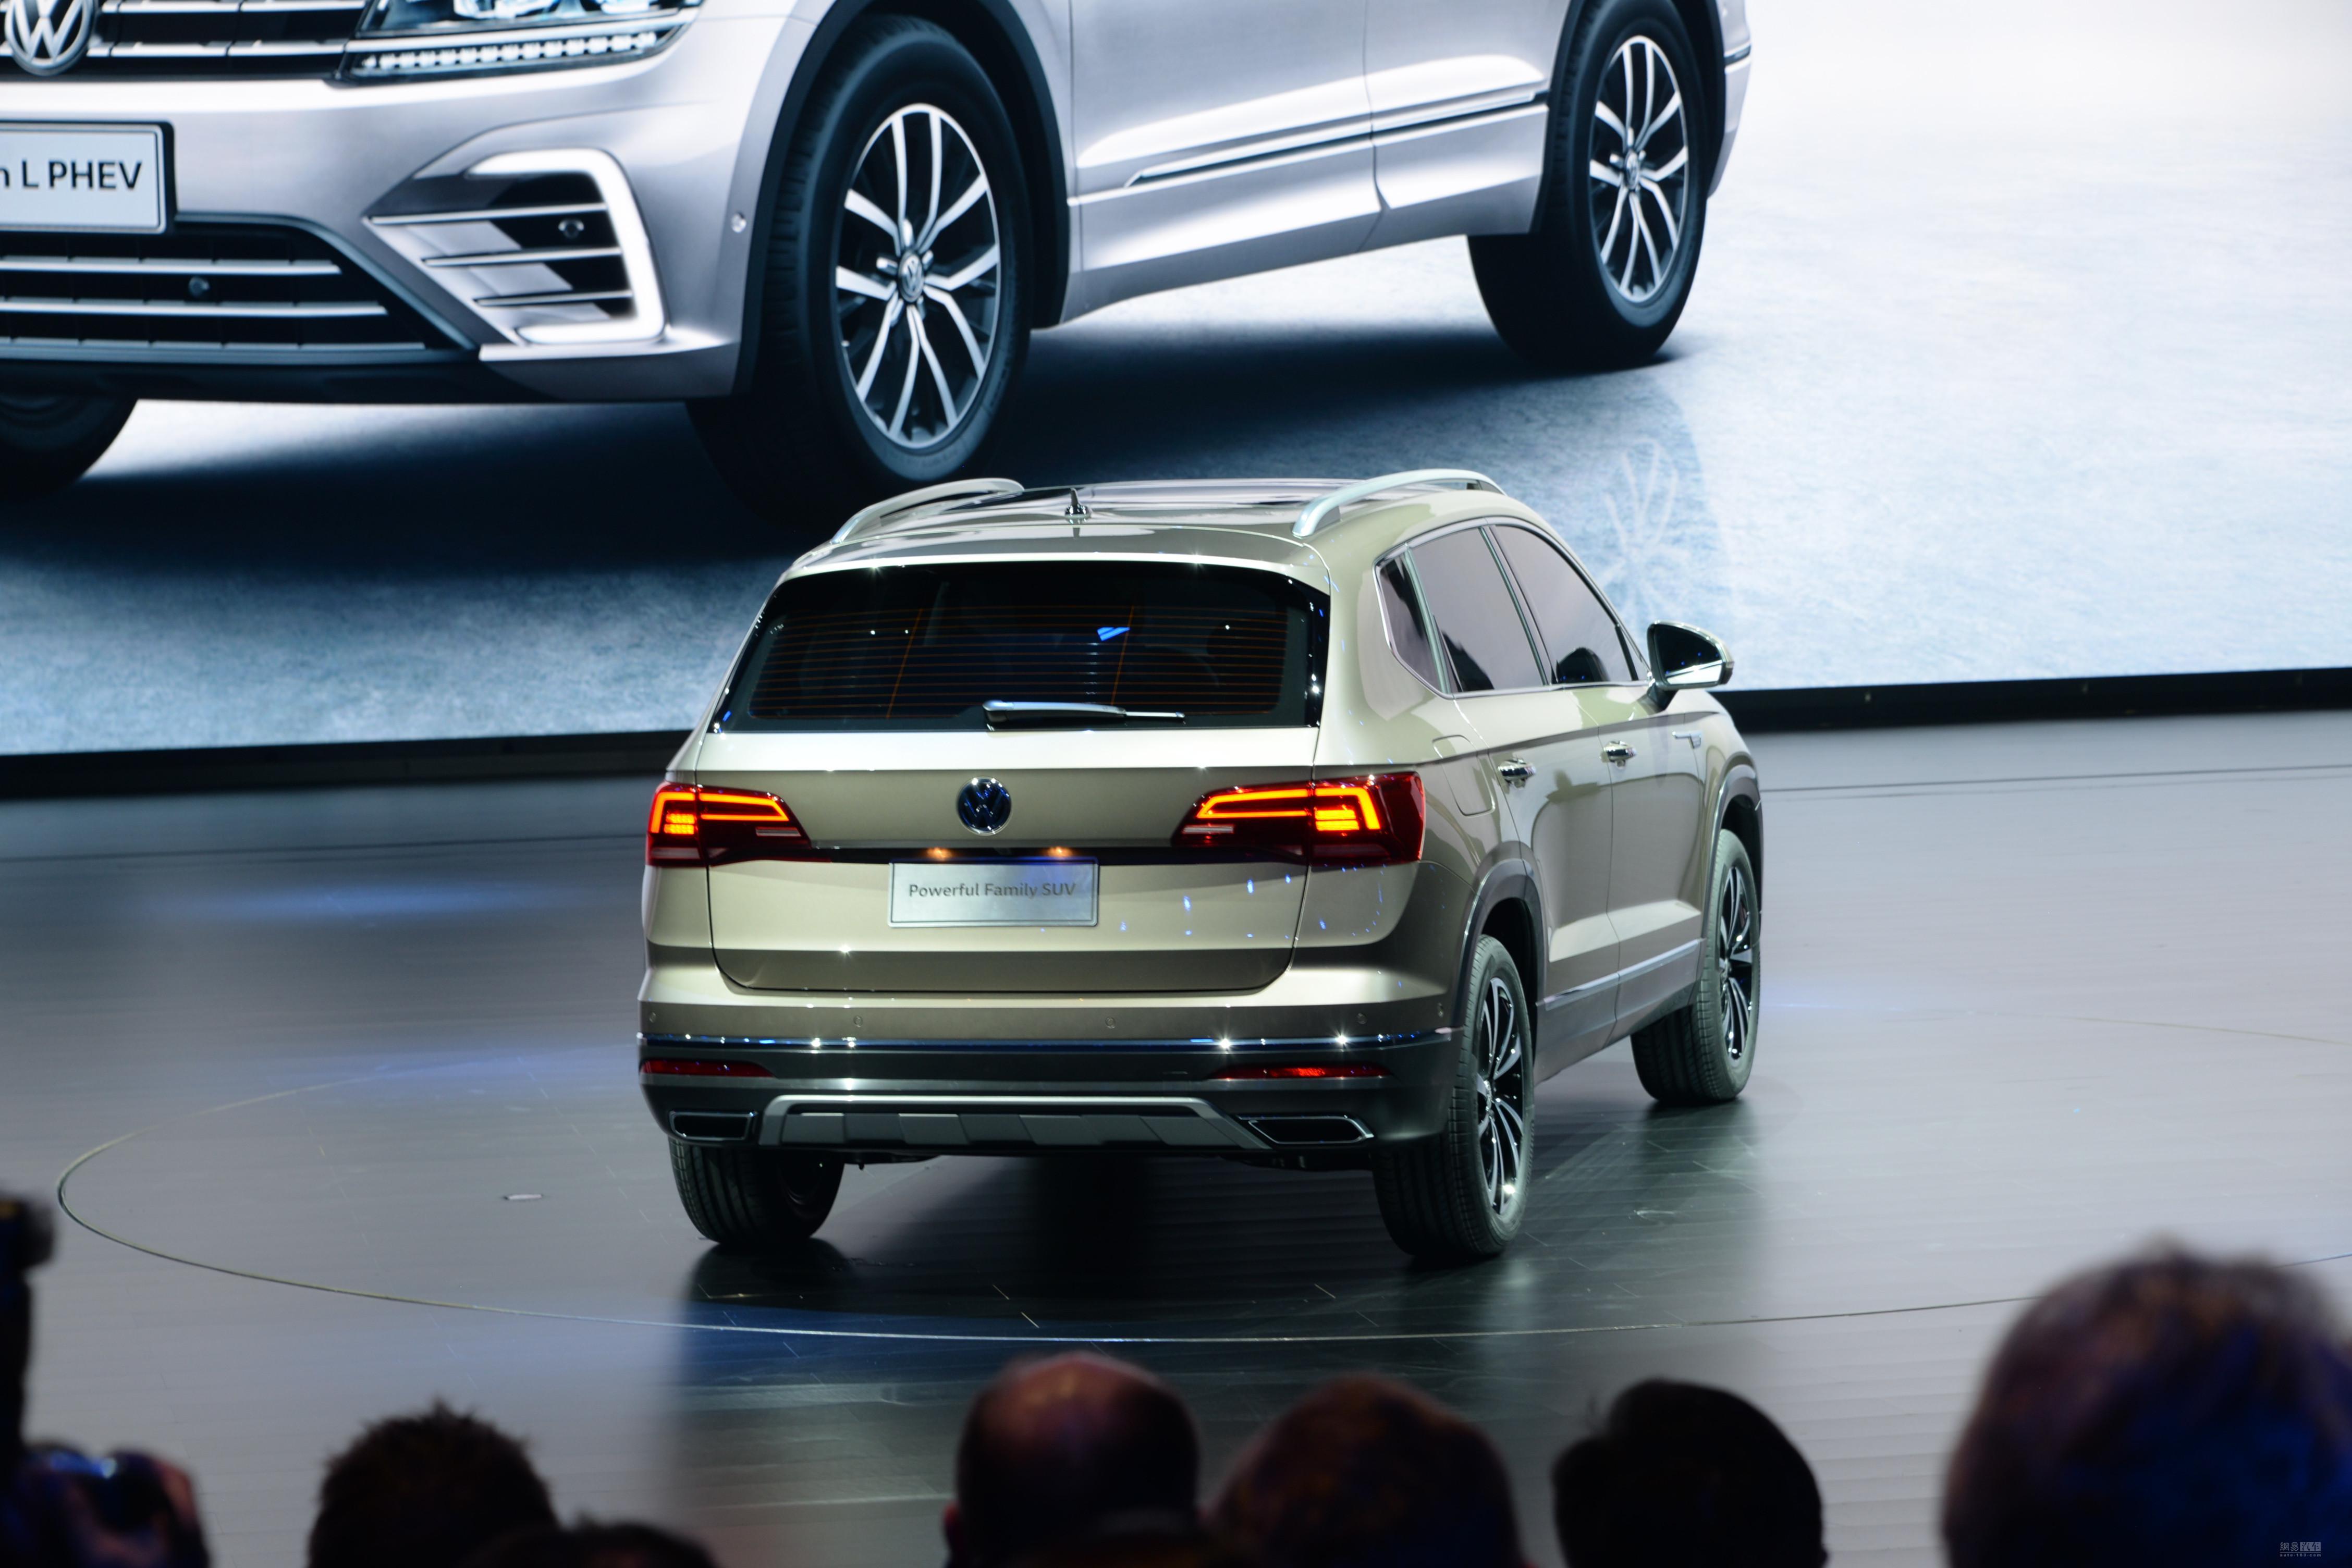 小途昂 上汽大众全新紧凑级SUV正式发布